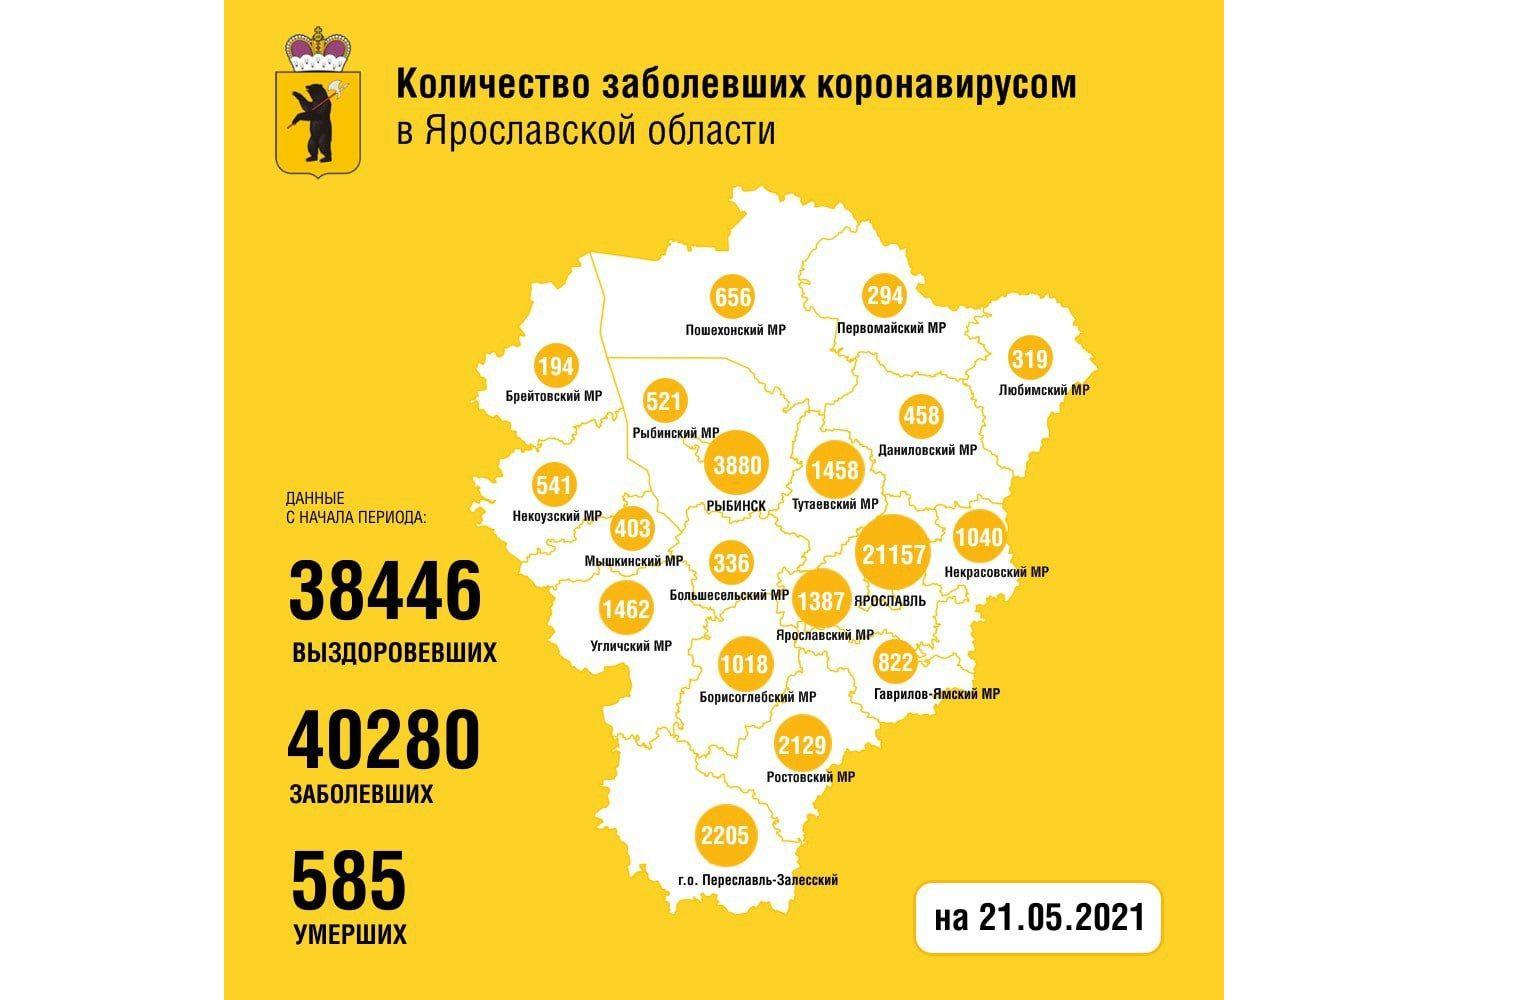 В Ярославской области еще 76 человек заболели коронавирусом, двое скончались